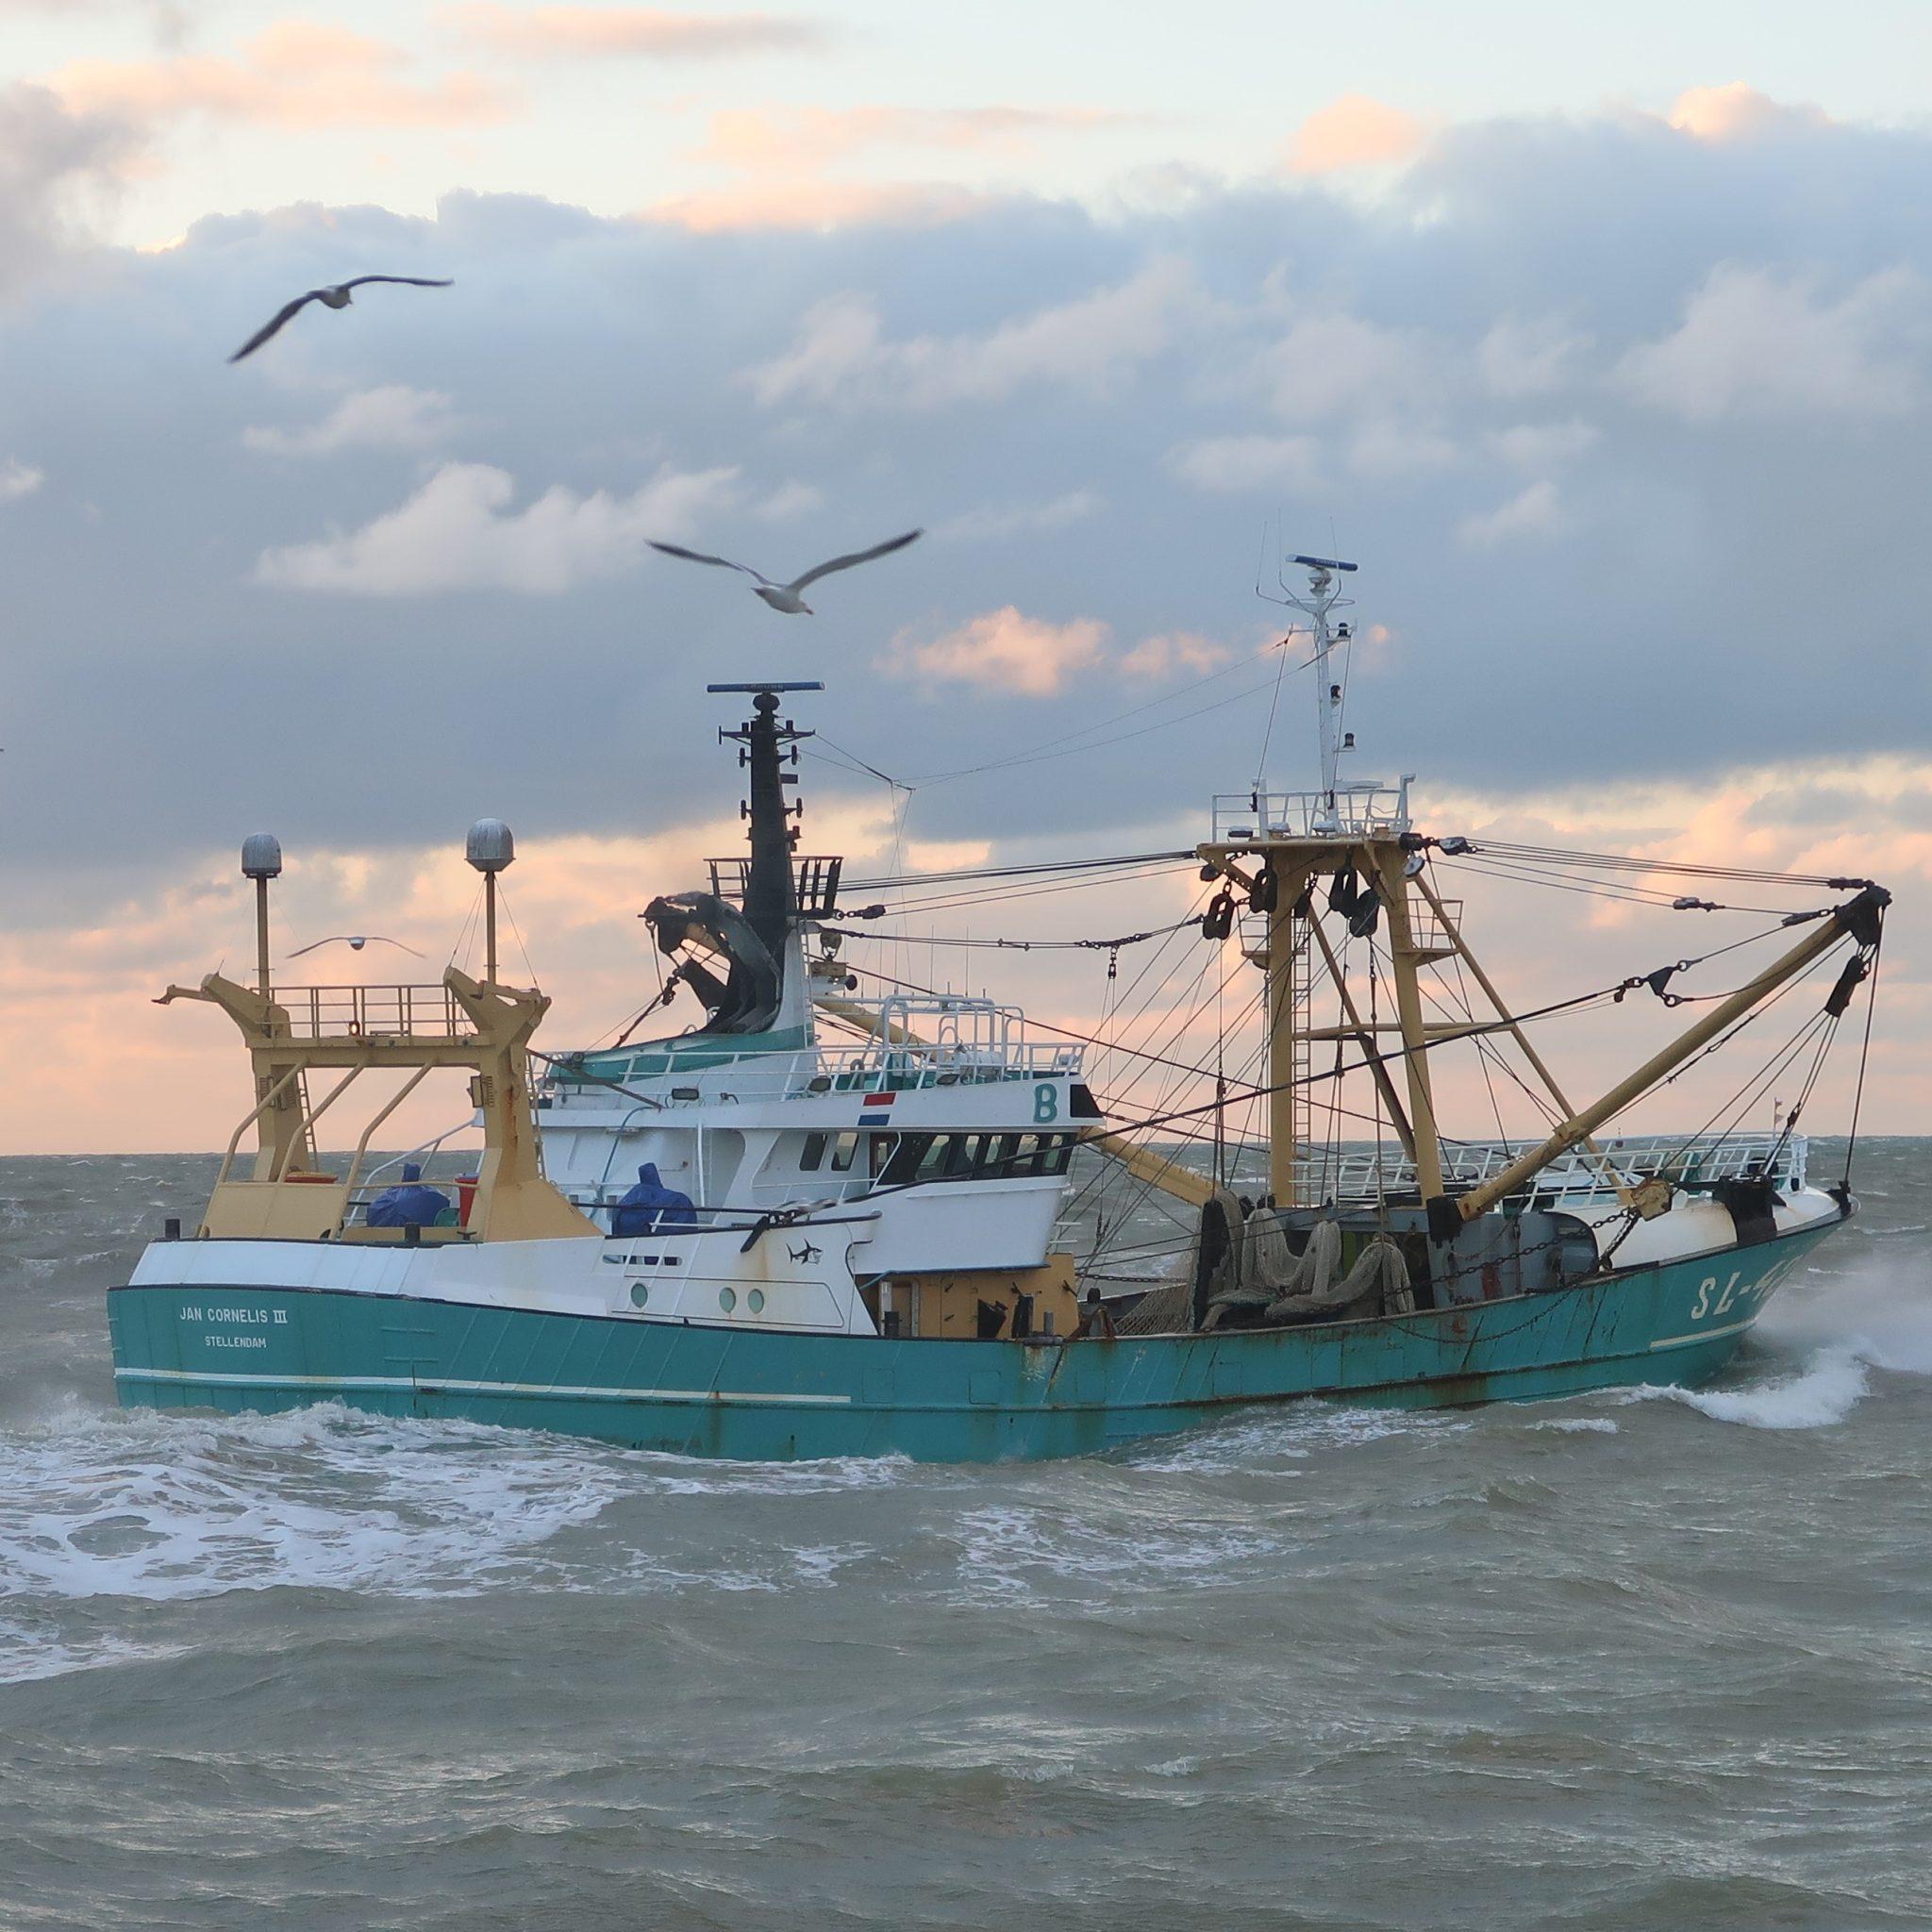 De SL-42 heeft al een paar keer een forse vangst aangeland en verkocht in Thyborøn. (Foto W.M. den Heijer)